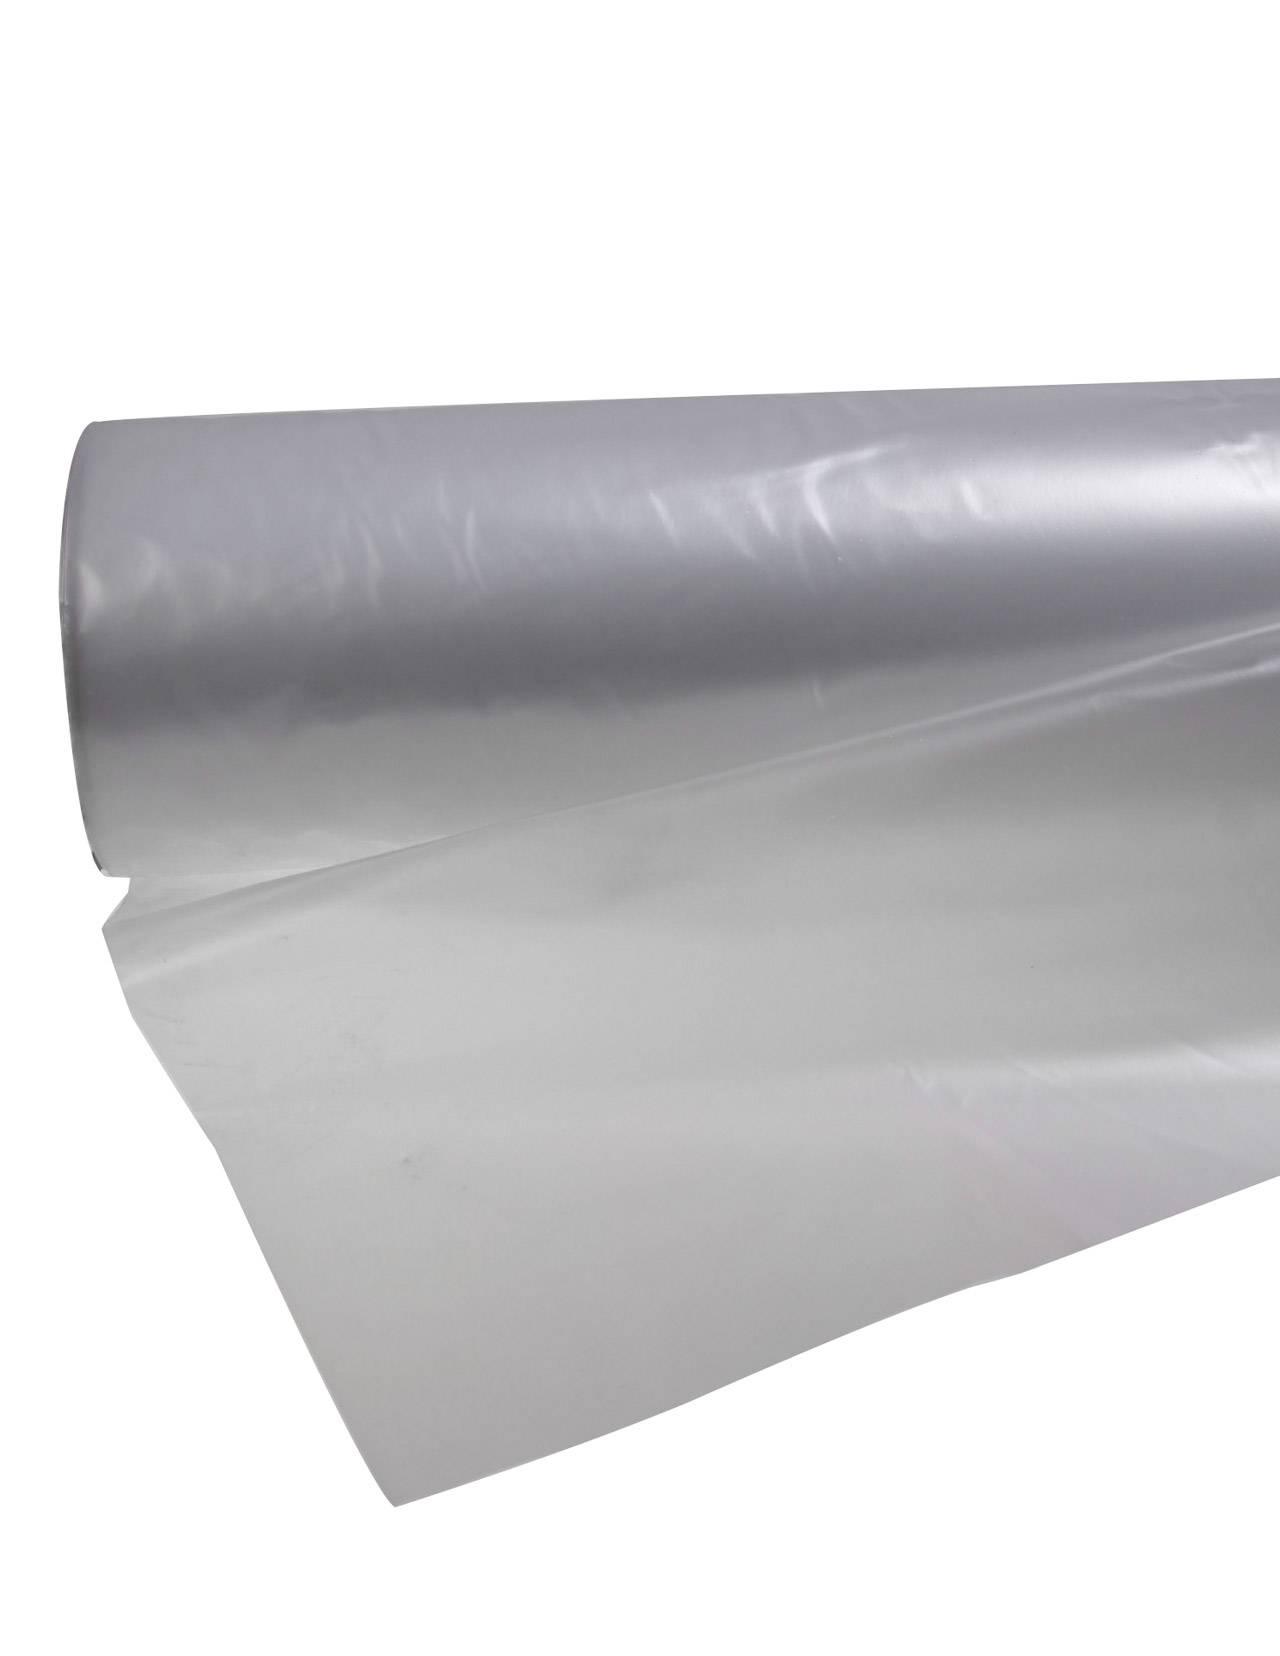 Чем склеить пленку? клей для полиэтилена и целлофана, клеим полипропилен между собой в домашних условиях. как приклеить пленку к металлу и бетону?